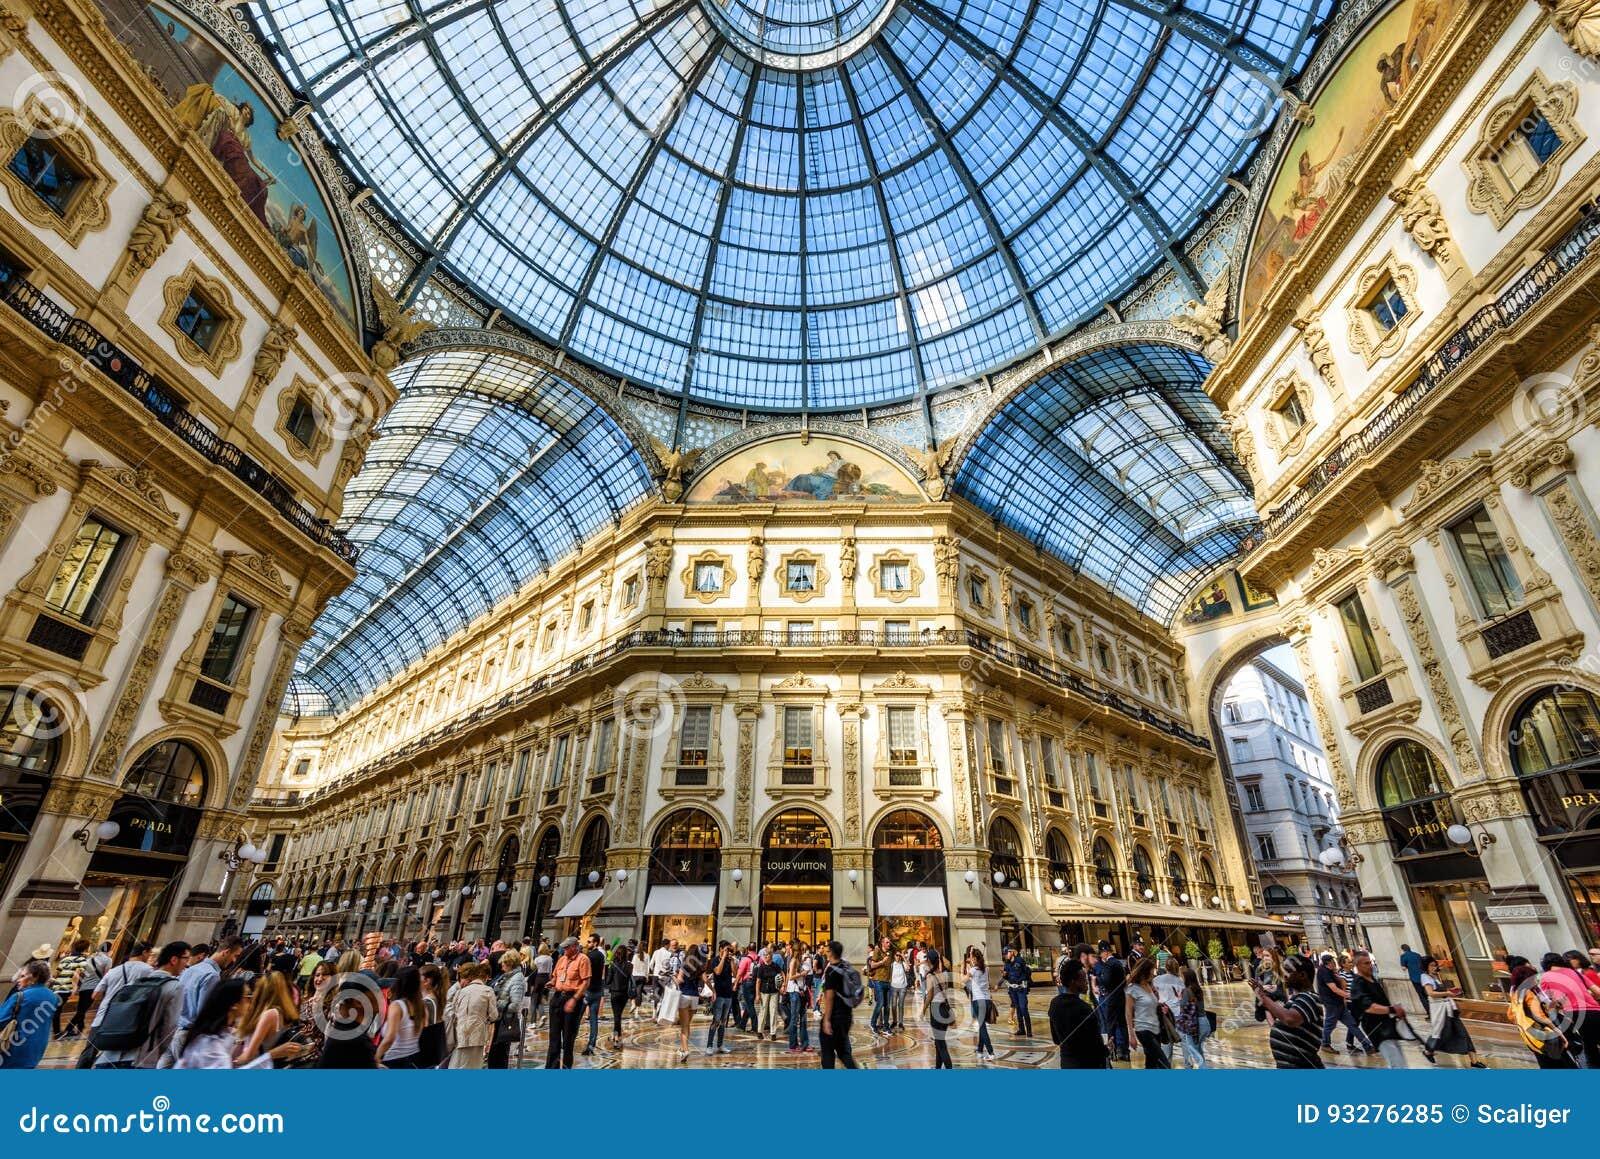 Το Galleria Vittorio Emanuele ΙΙ στο Μιλάνο, Ιταλία